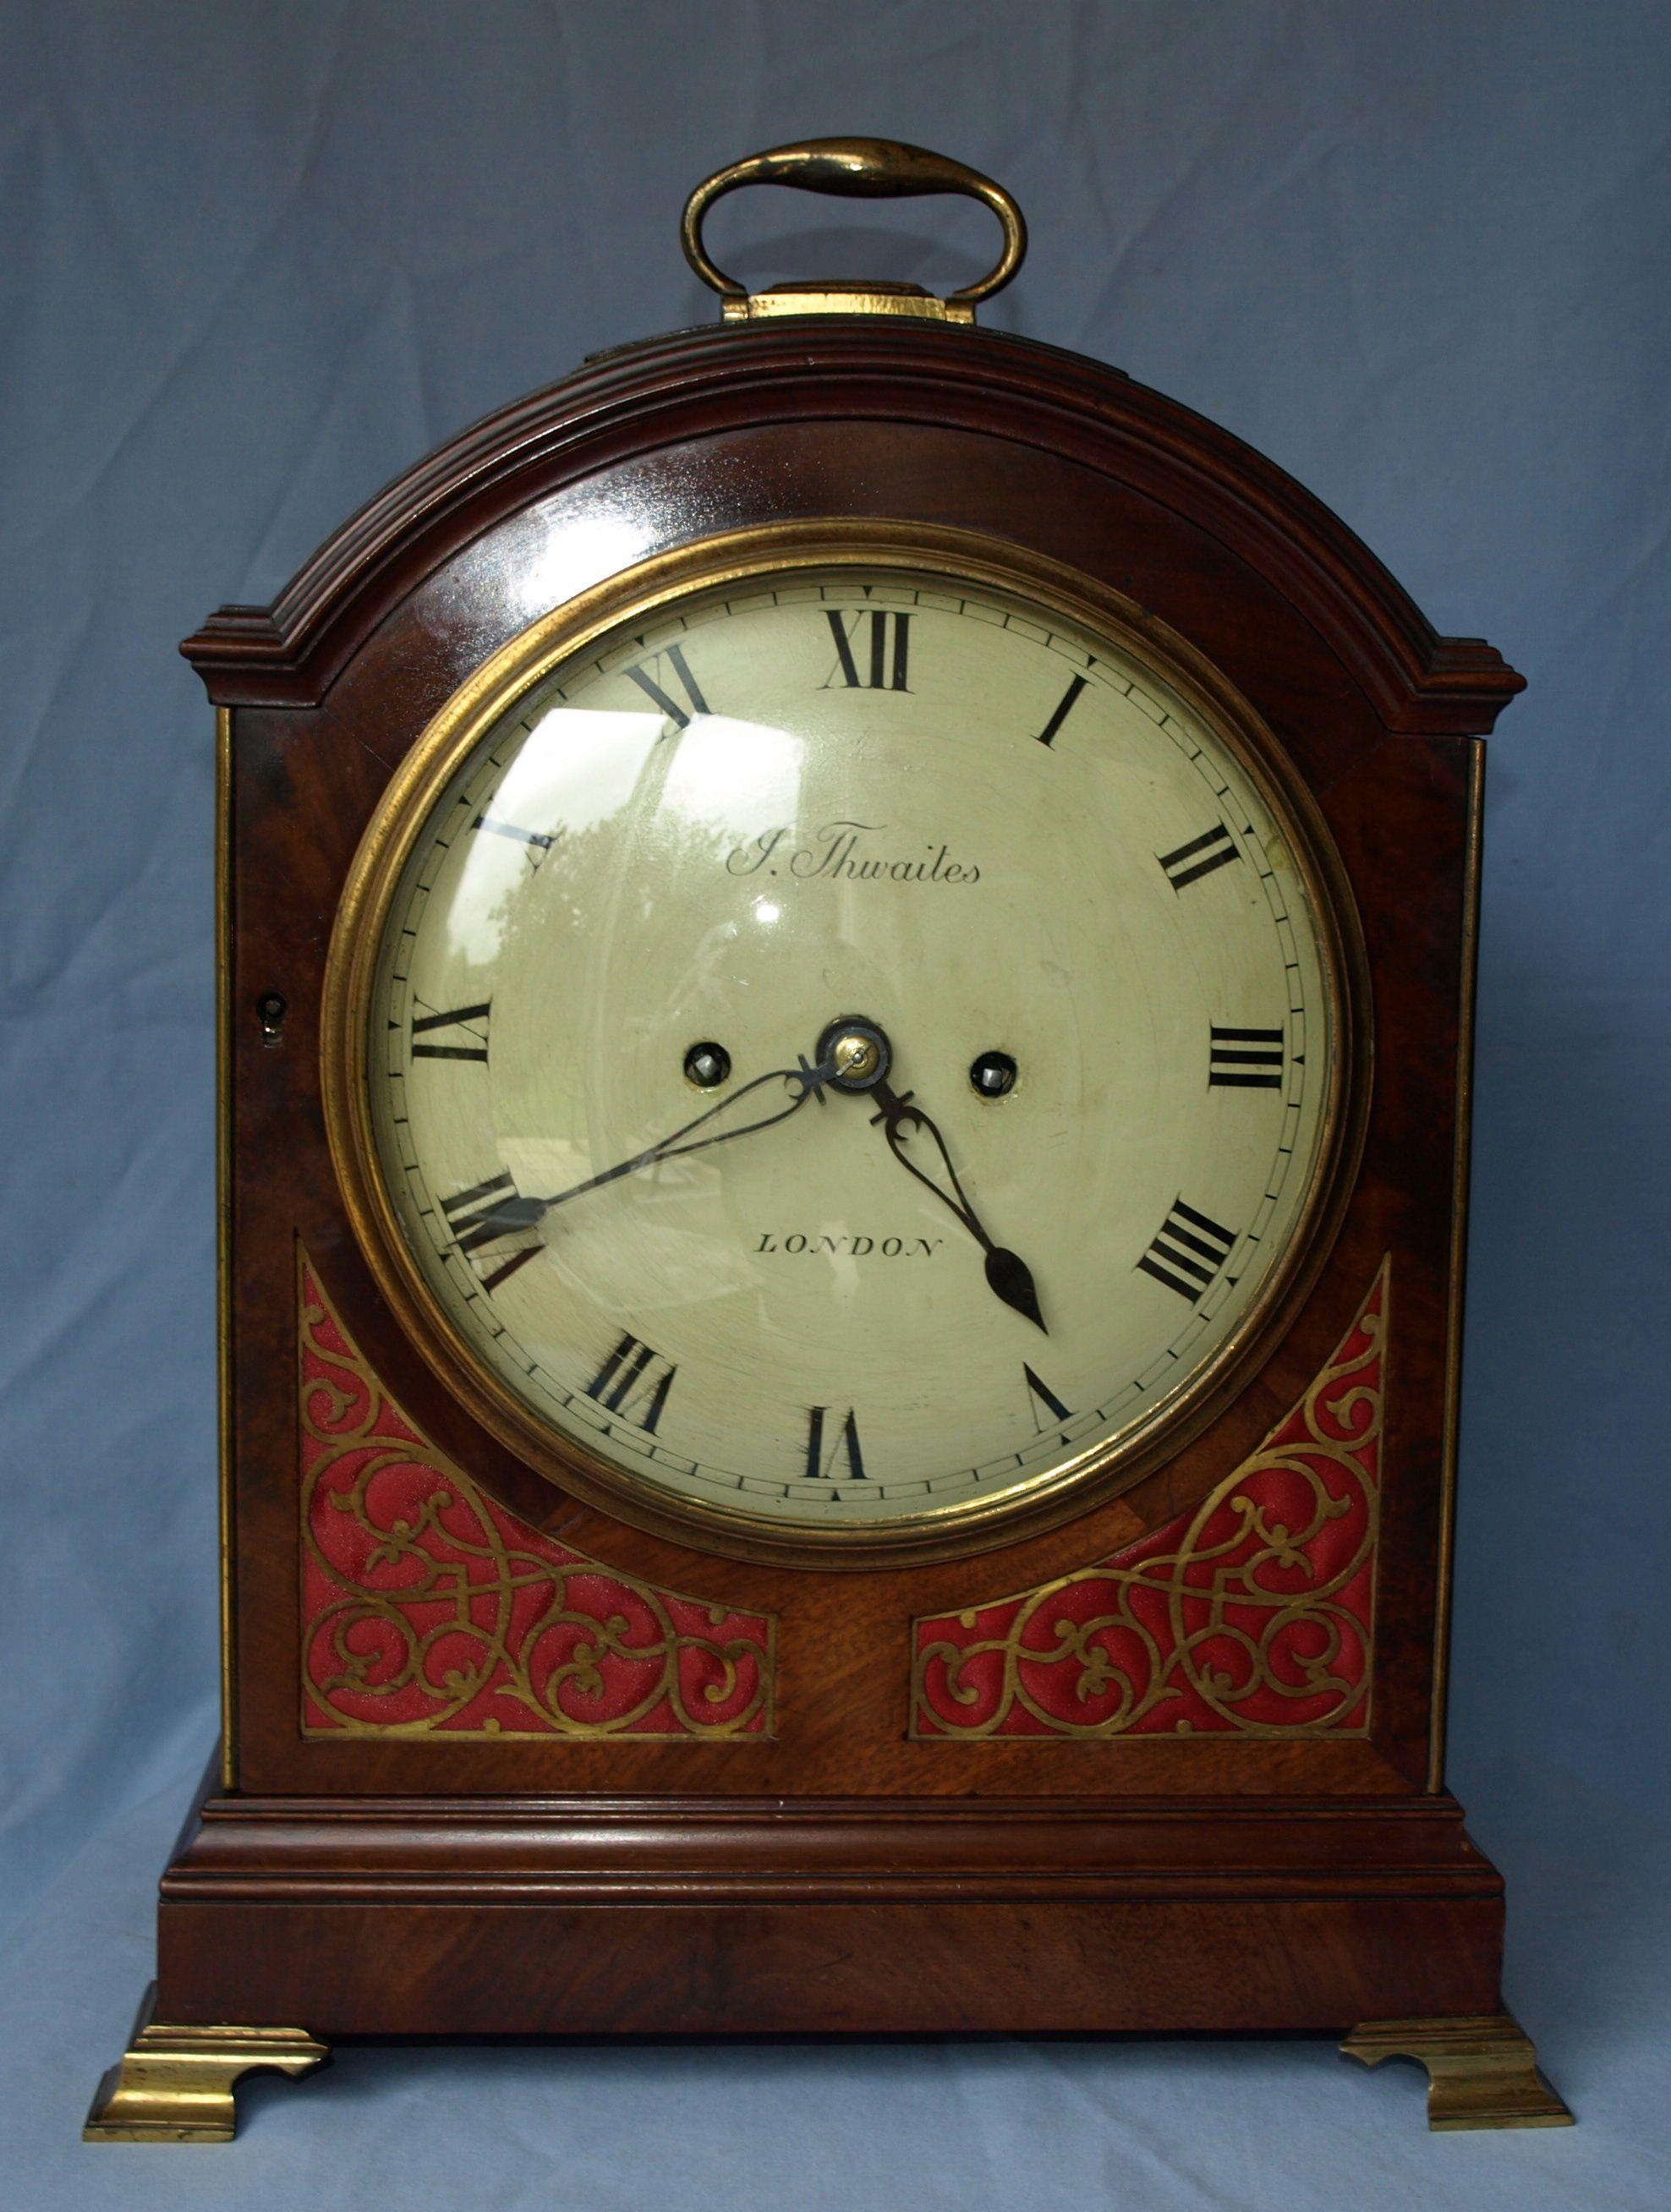 Dscf0011 Jpg 1 976 2 616 Pixels Reloj De Pendulo Pendulo Reloj